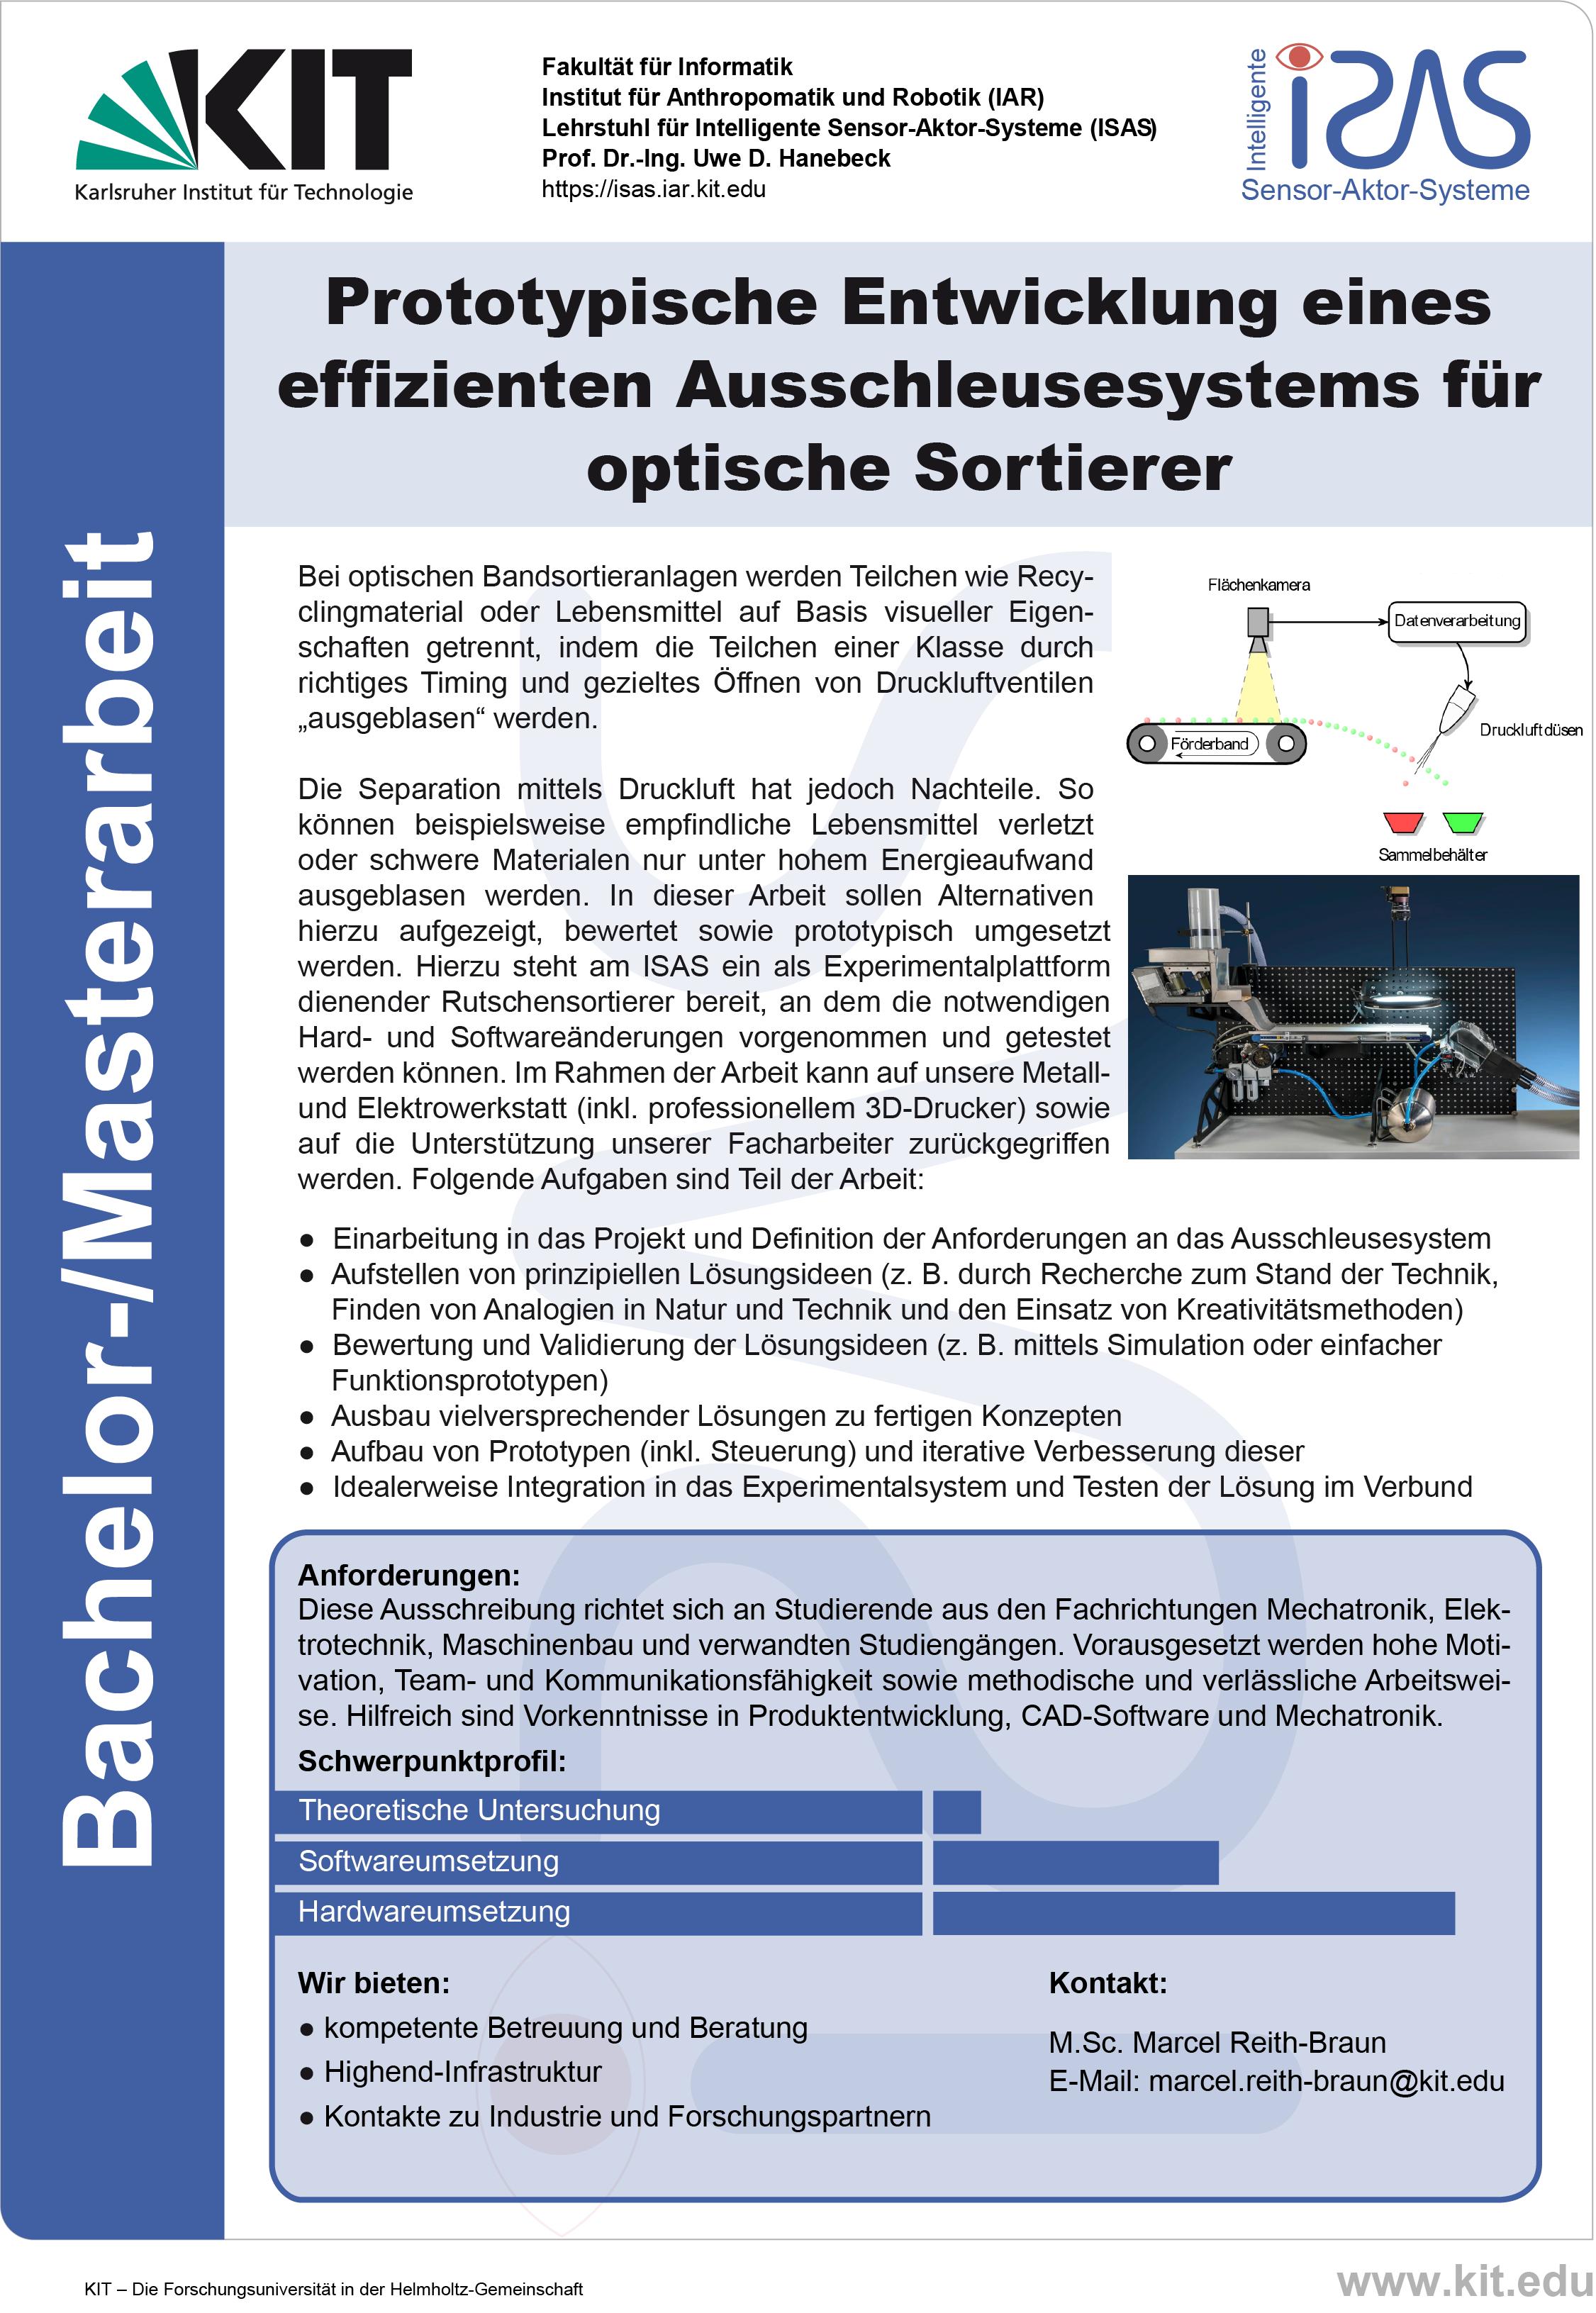 Prototypische_Entwicklung_eines_effizienten_Ausschleusesystems_fuer_optische_Sortierer